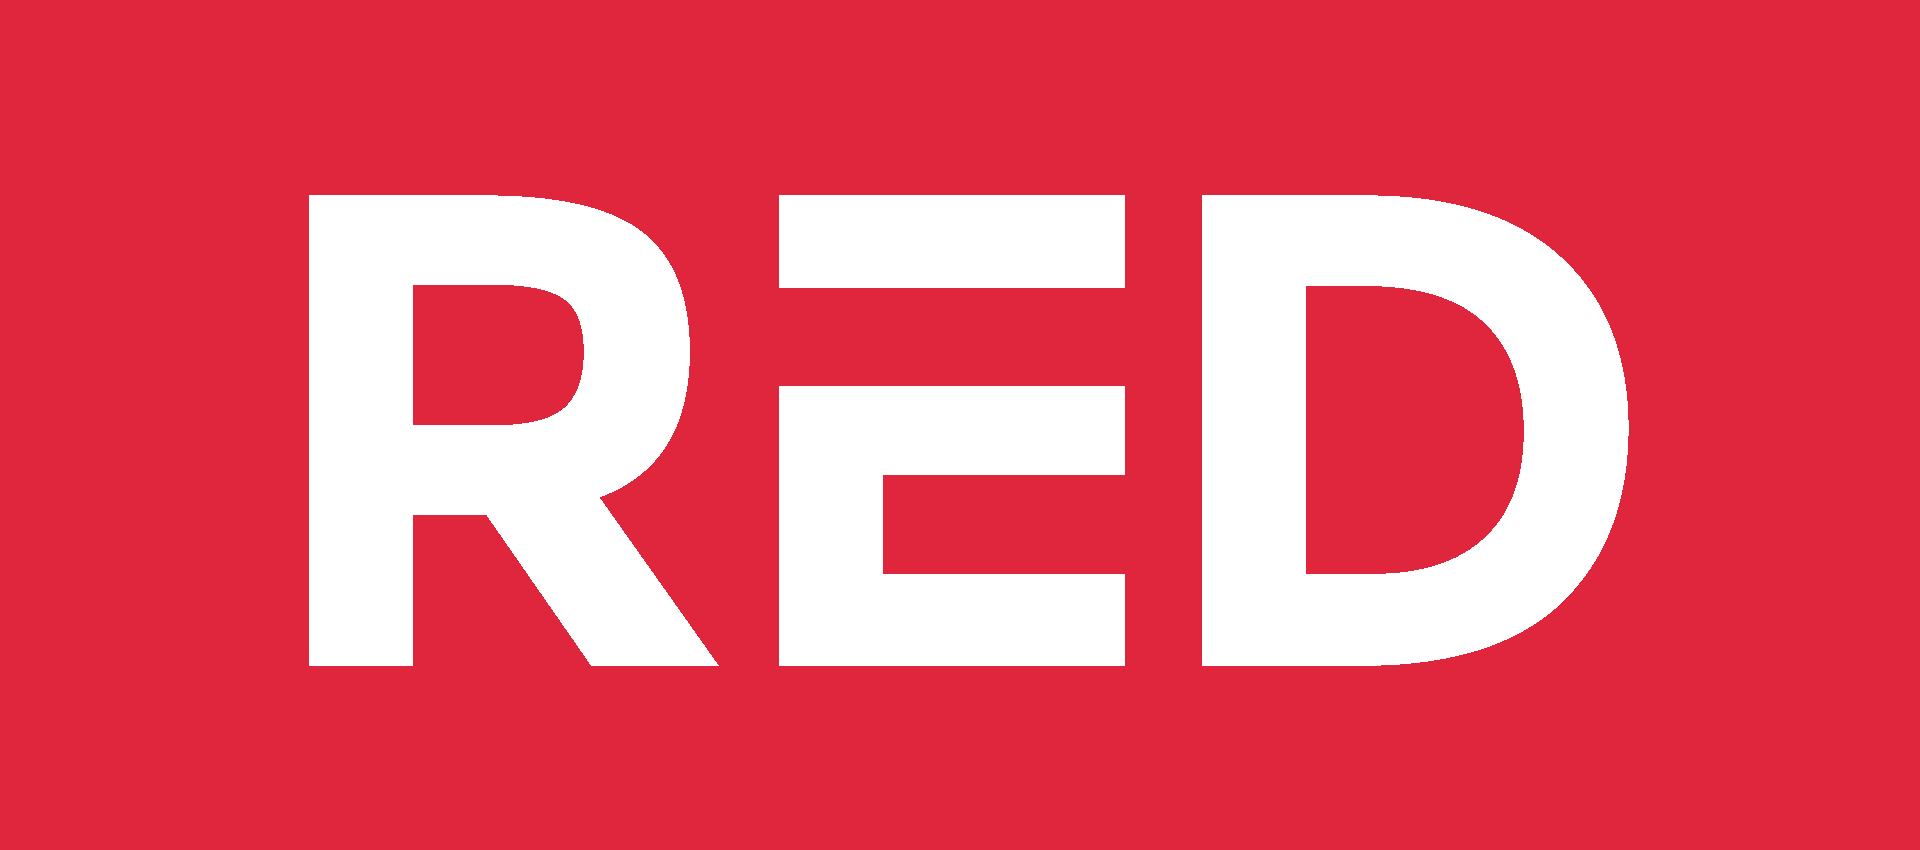 RED_logo-red_horizontal.png